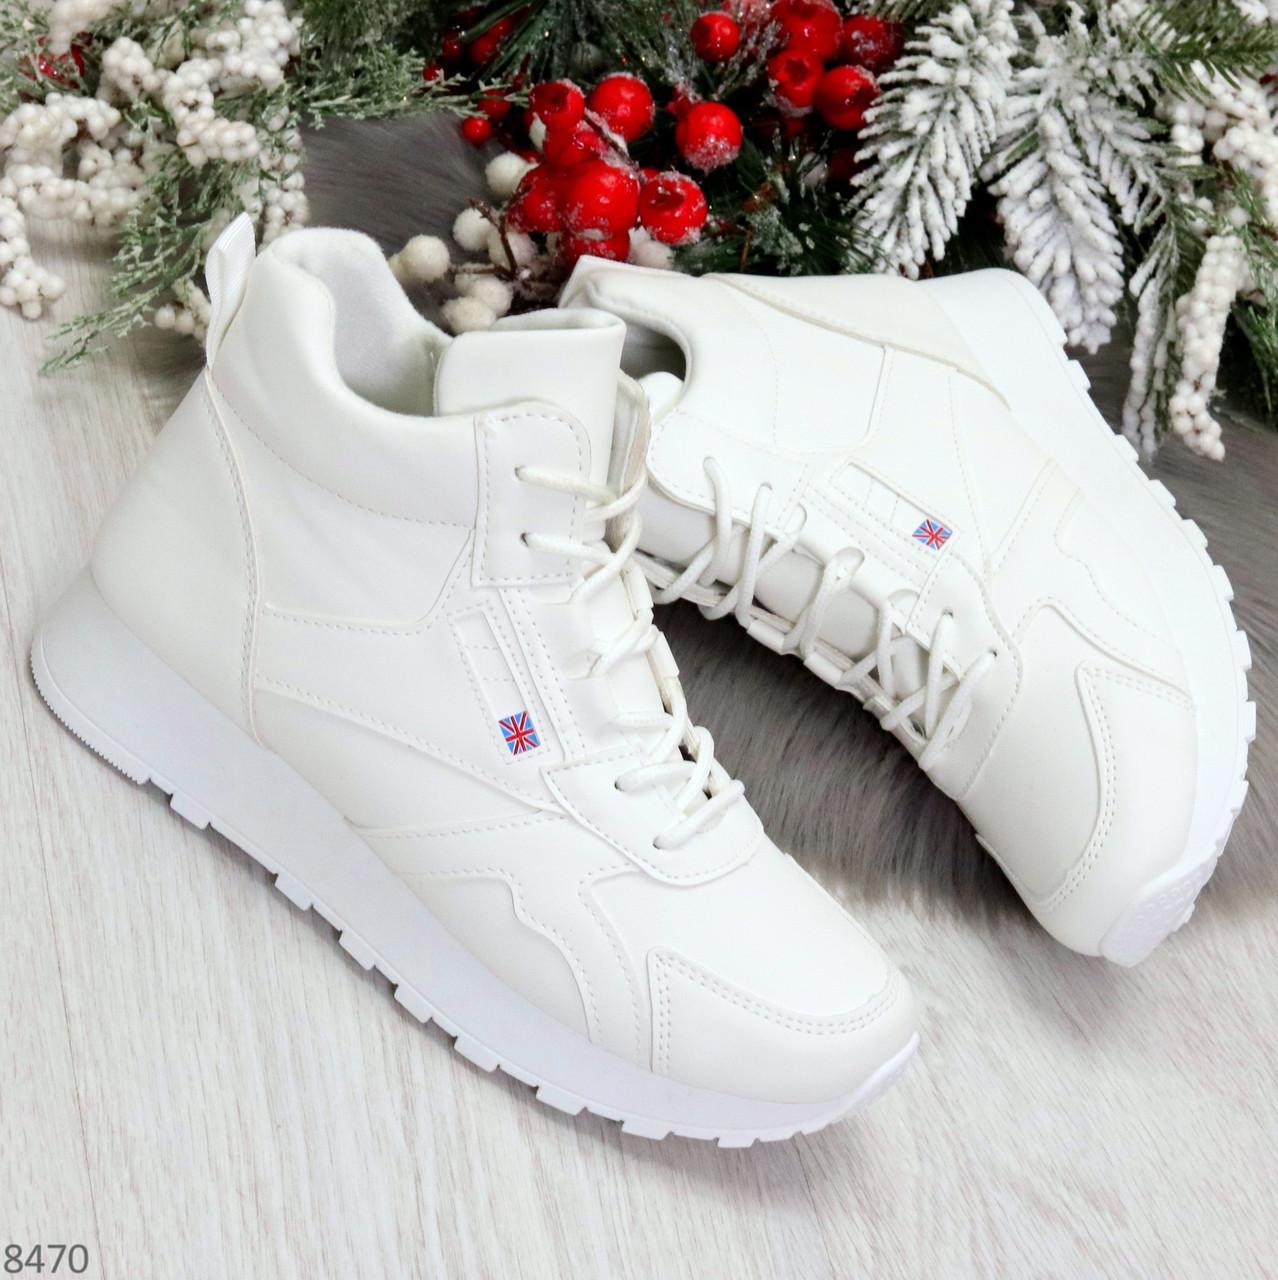 Высокие белые демисезонные женские кроссовки на флисе